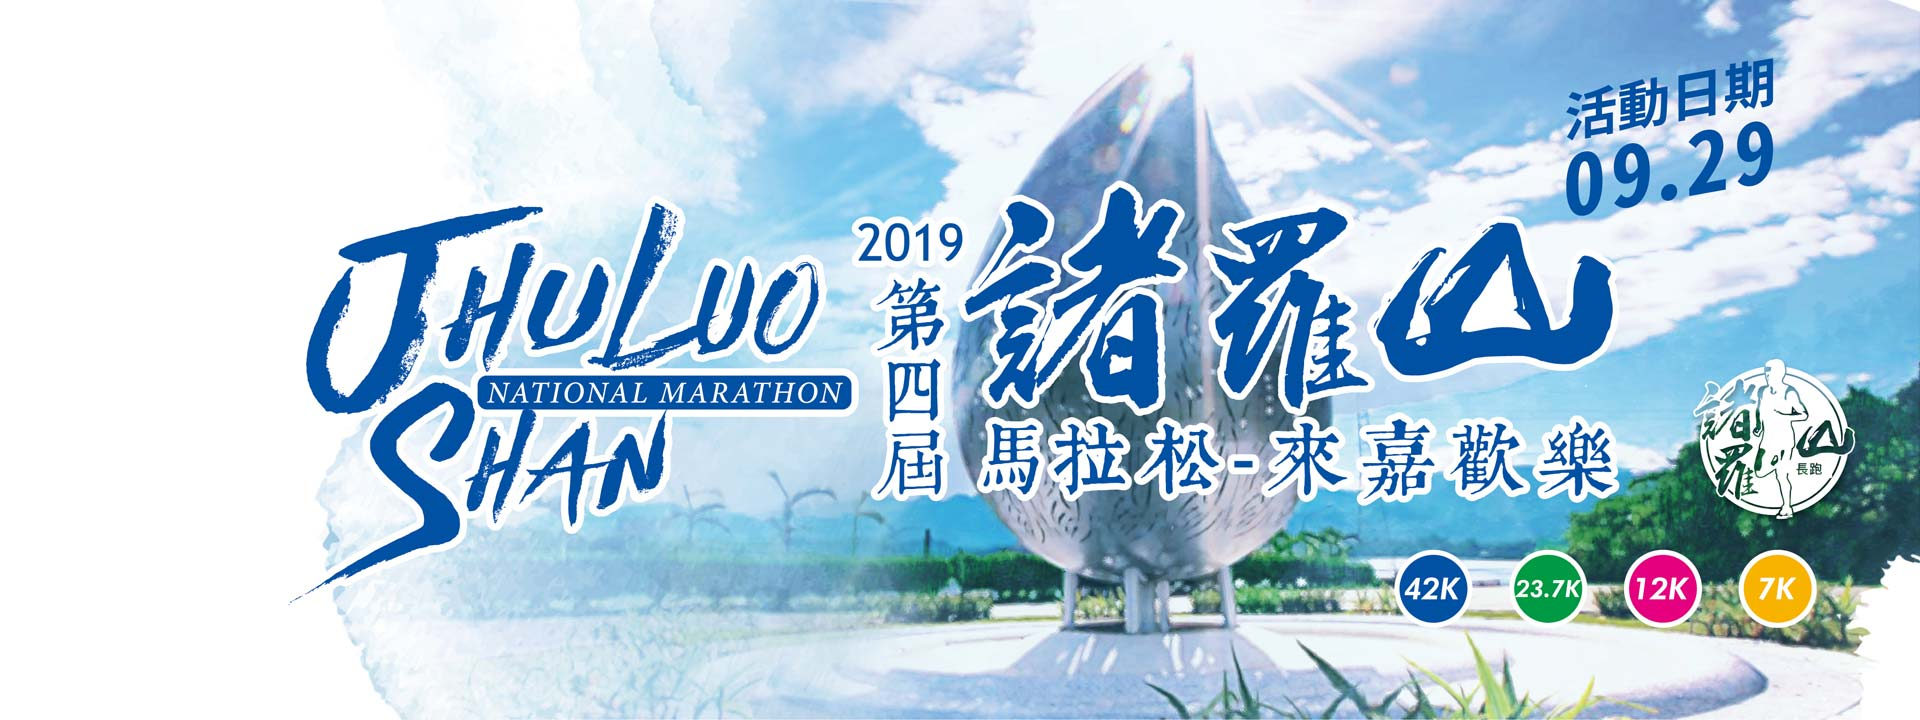 2019 第四屆諸羅山馬拉松-來嘉歡樂